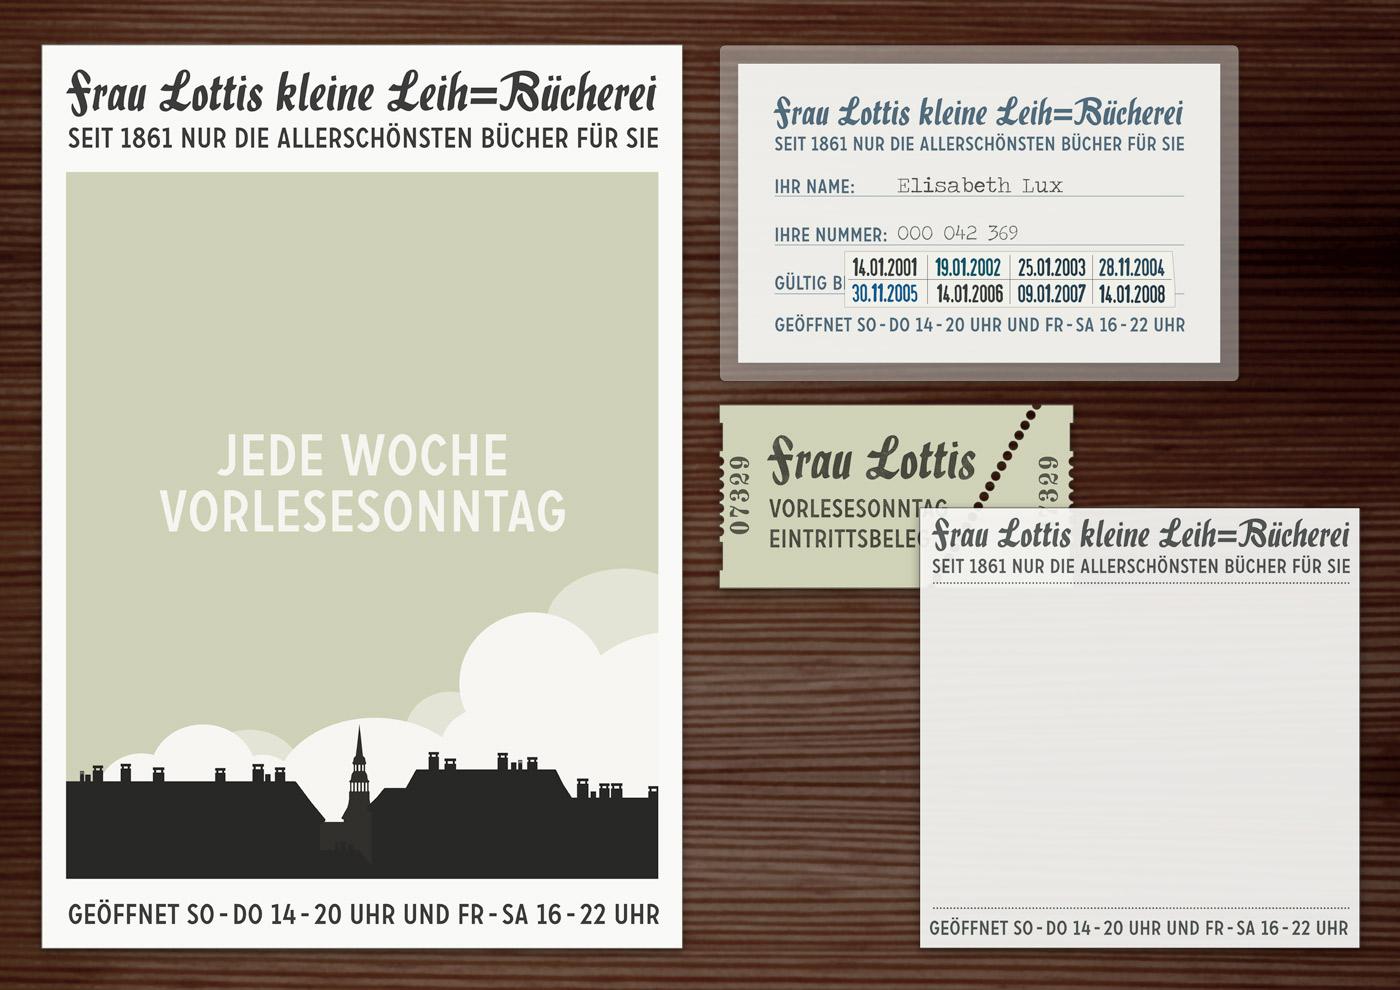 Corporate Identity, Logo und Grafik Design für Werbung, Schilder, Poster, Postkarten, Flyer, Aufkleber, Eintrittskarten und Buttons für Lily Lux Leihbücherei